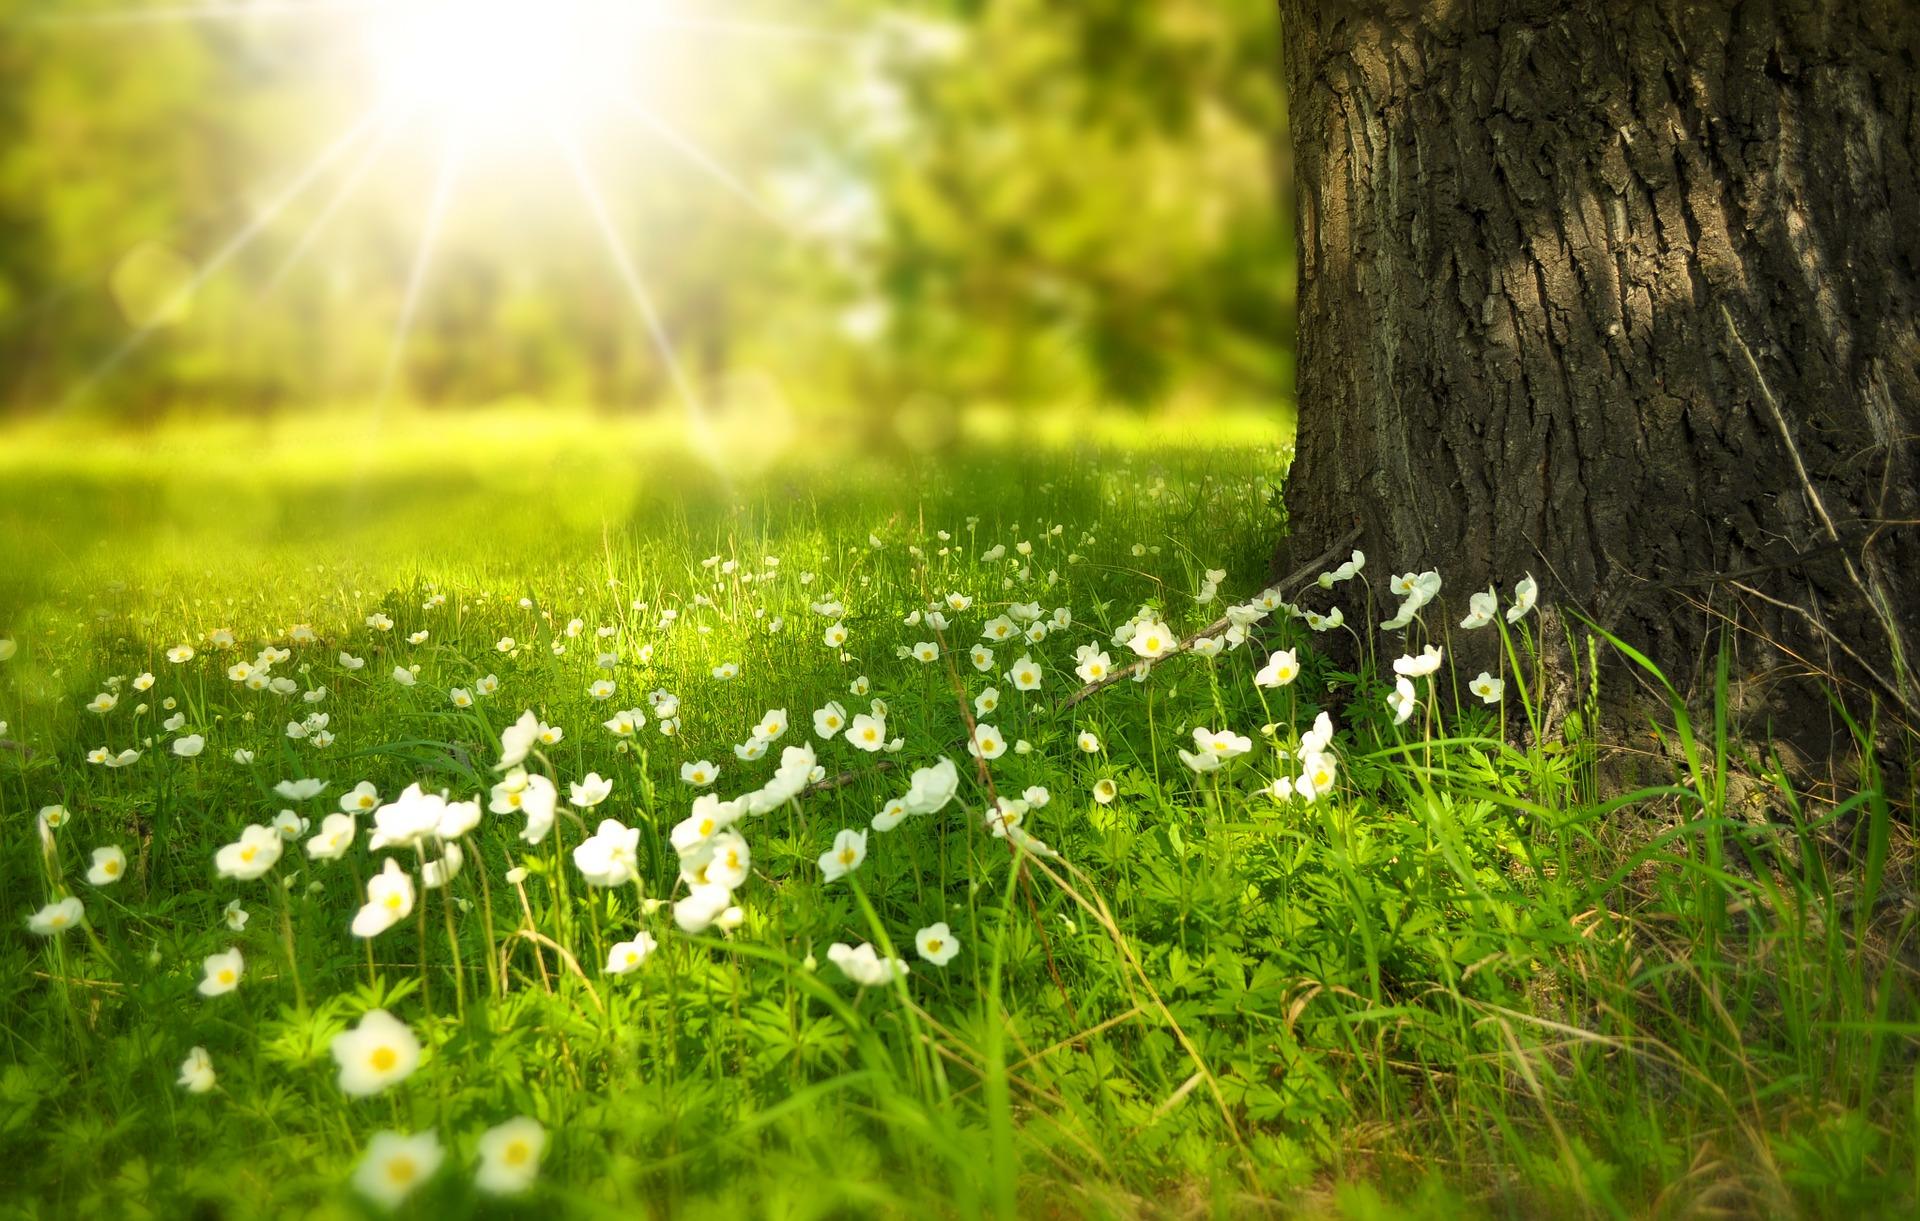 芝生の代わりに!グランドカバーにおすすめの植物5選